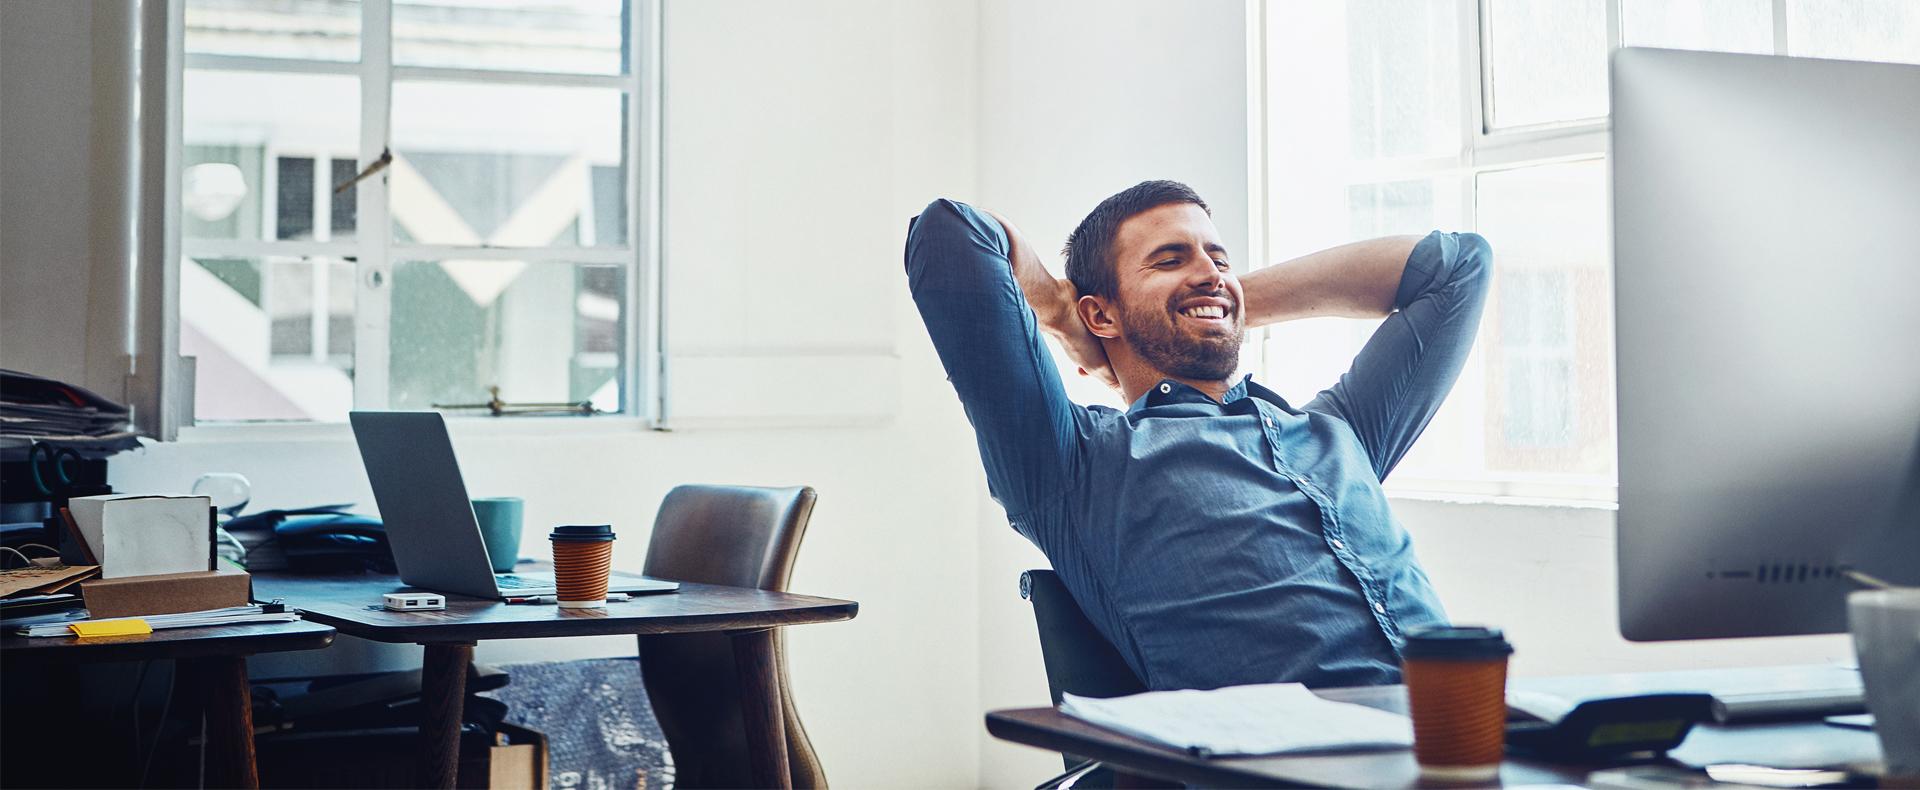 FATTURAZIONE ELETTRONICA Scopri le soluzioni per adeguare la tua azienda alla nuova nomativa sulla fatturazione elettronica B2B